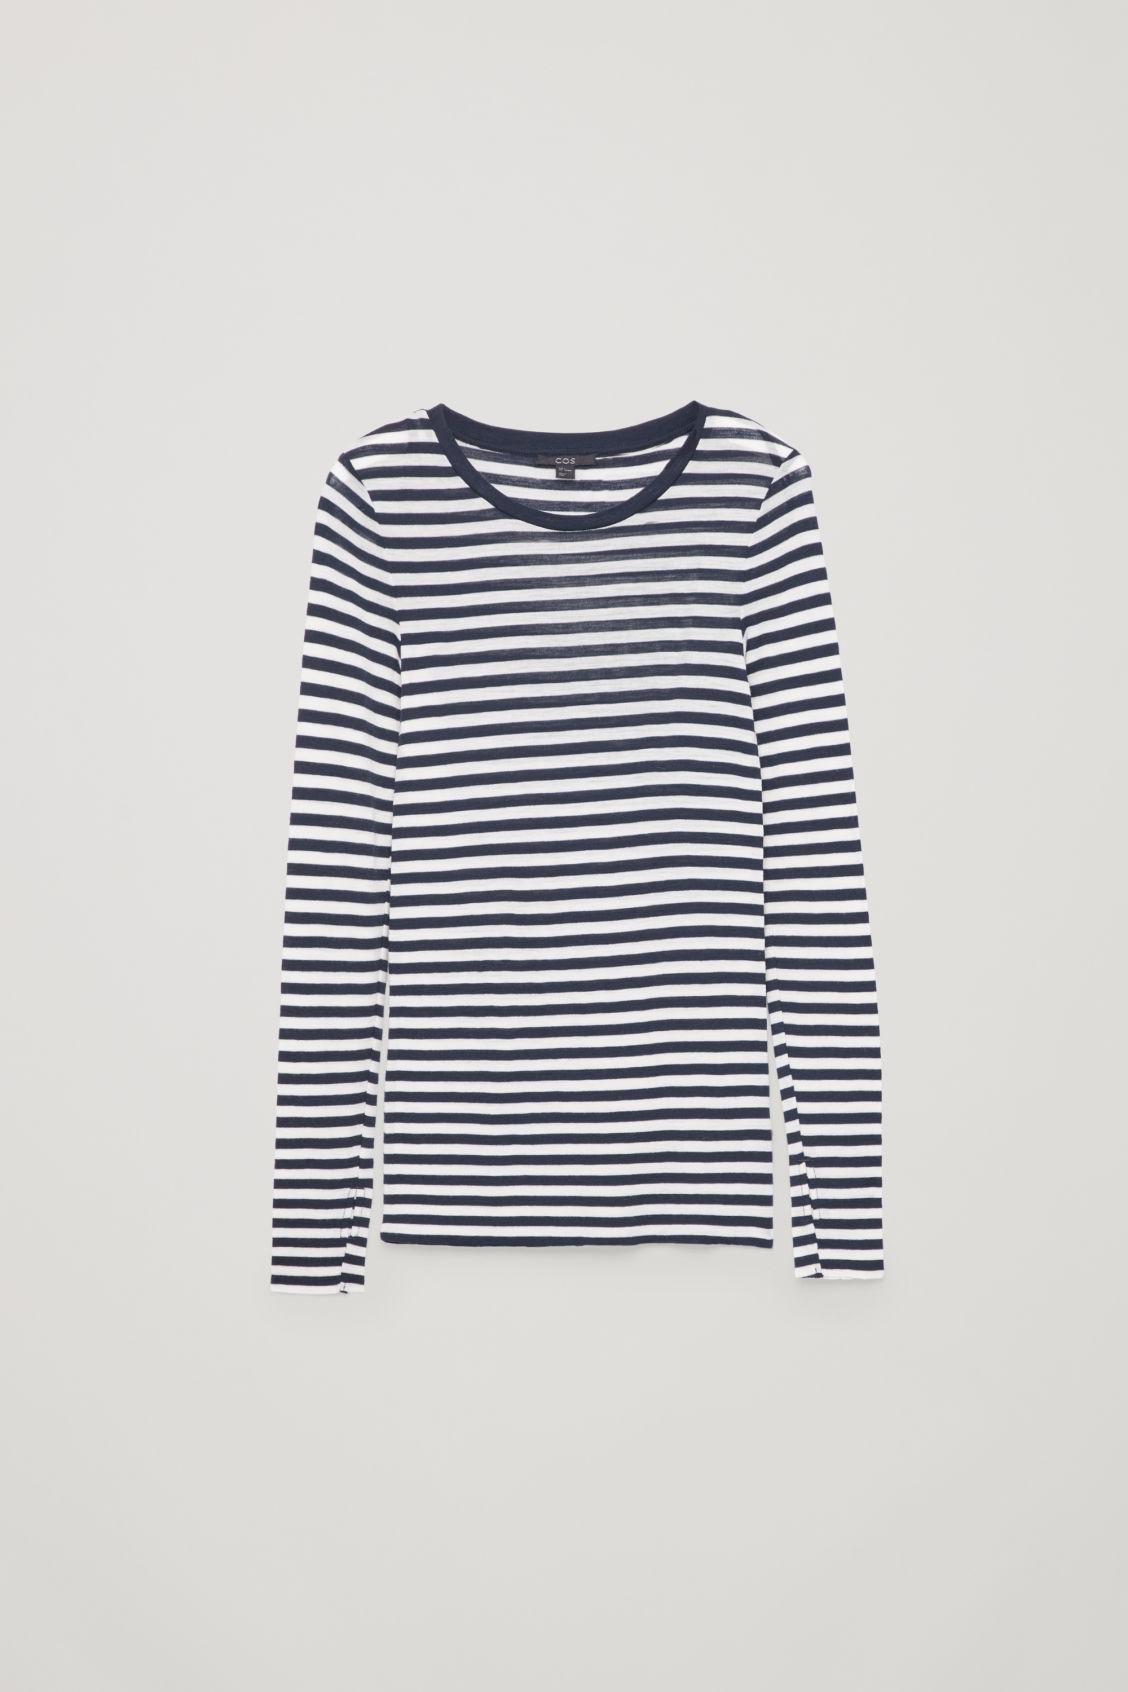 ed7ebb03d6c36 Cos Sheer Wool Long-Sleeved Top In Blue